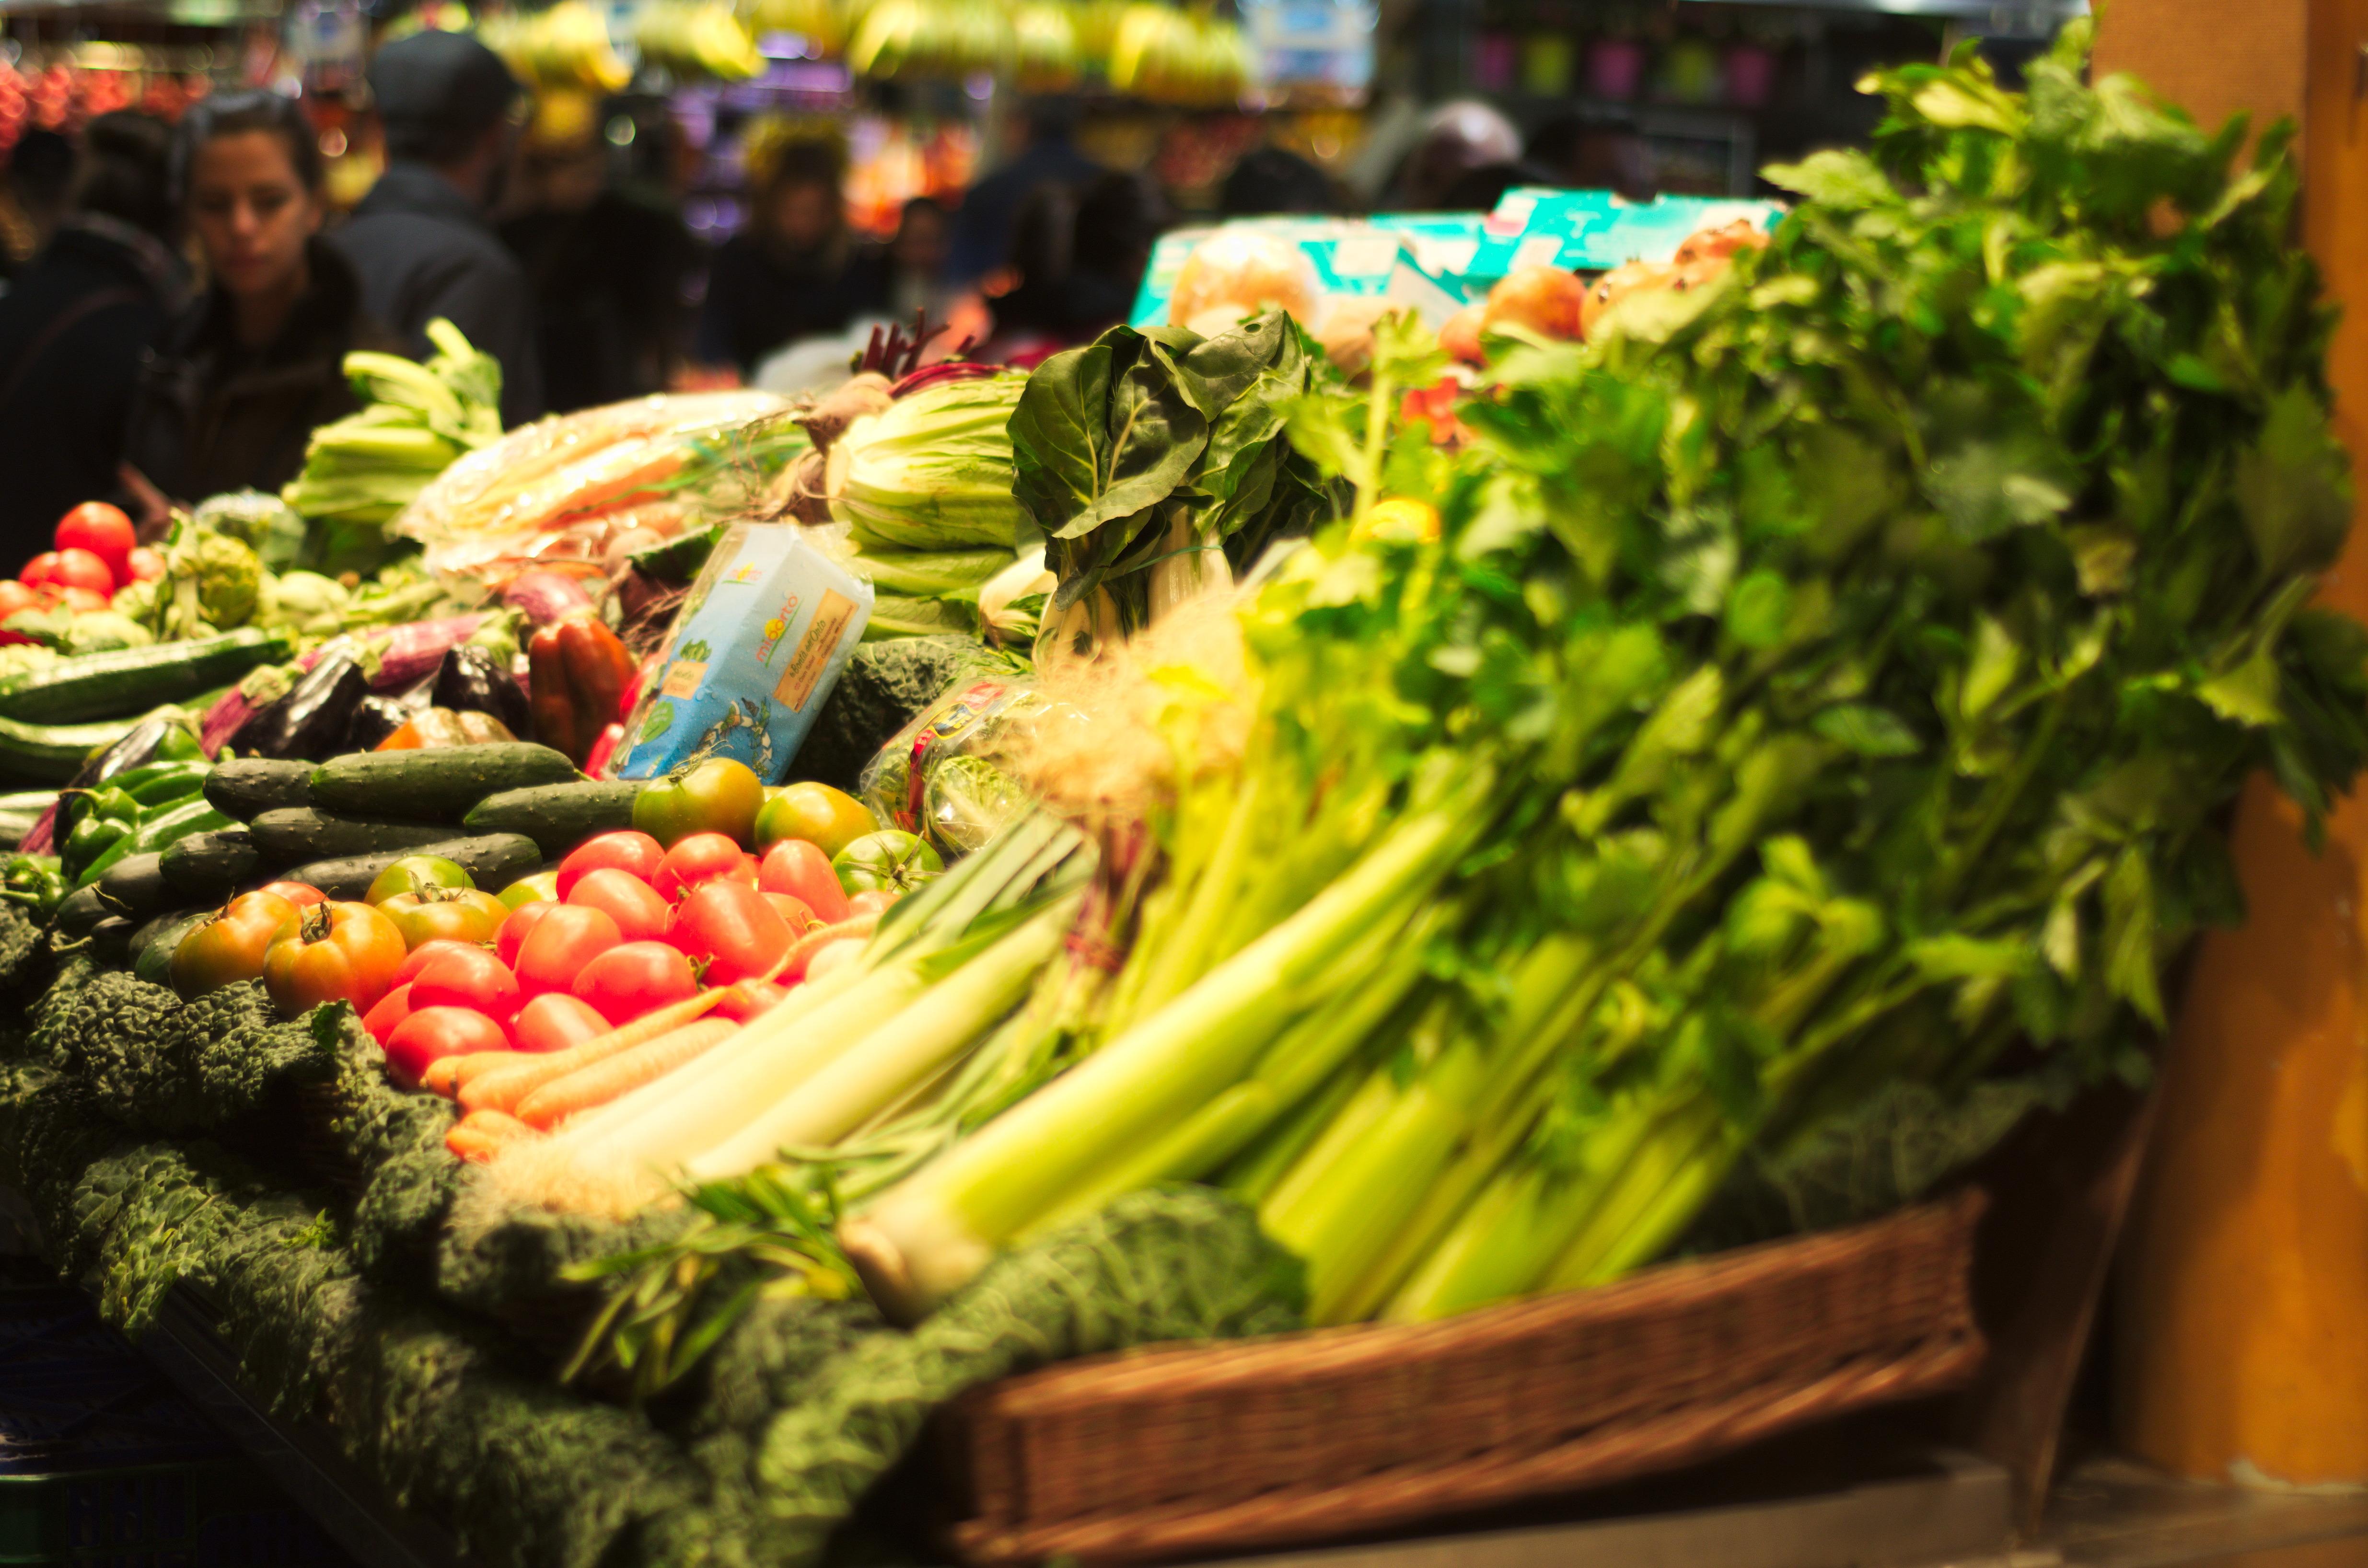 copilul mananca legume